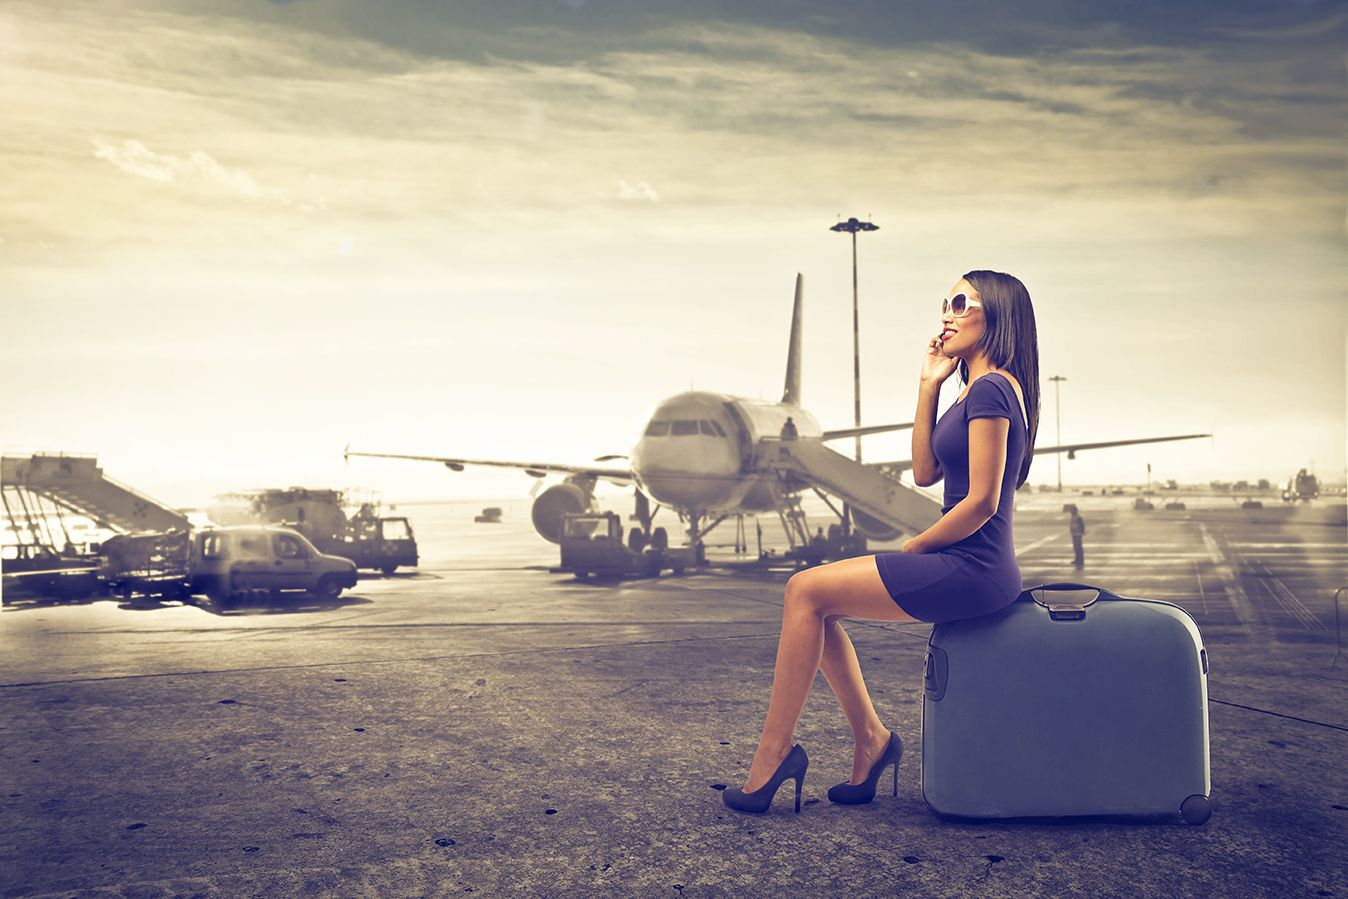 Imágenes Personas Viajando En Avion: Mujeres Viajando Solas Son Un Segmento Para El Turismo En